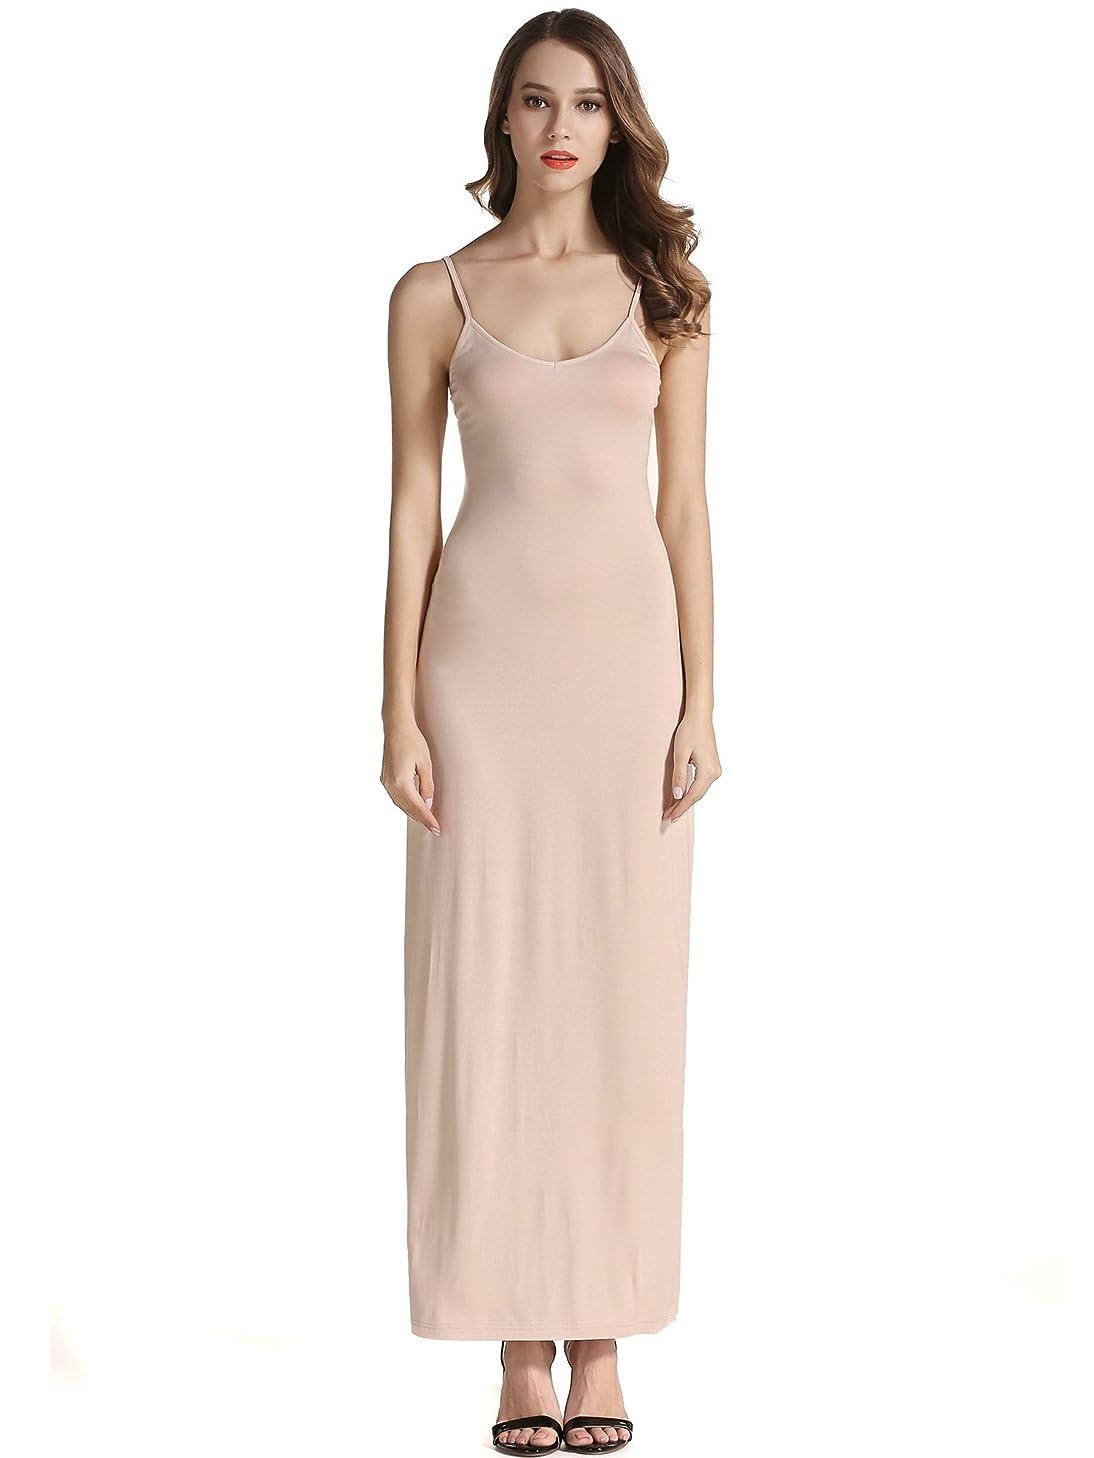 VETIOR Women's Adjustable Spaghetti Straps Long Cami Slip Dress